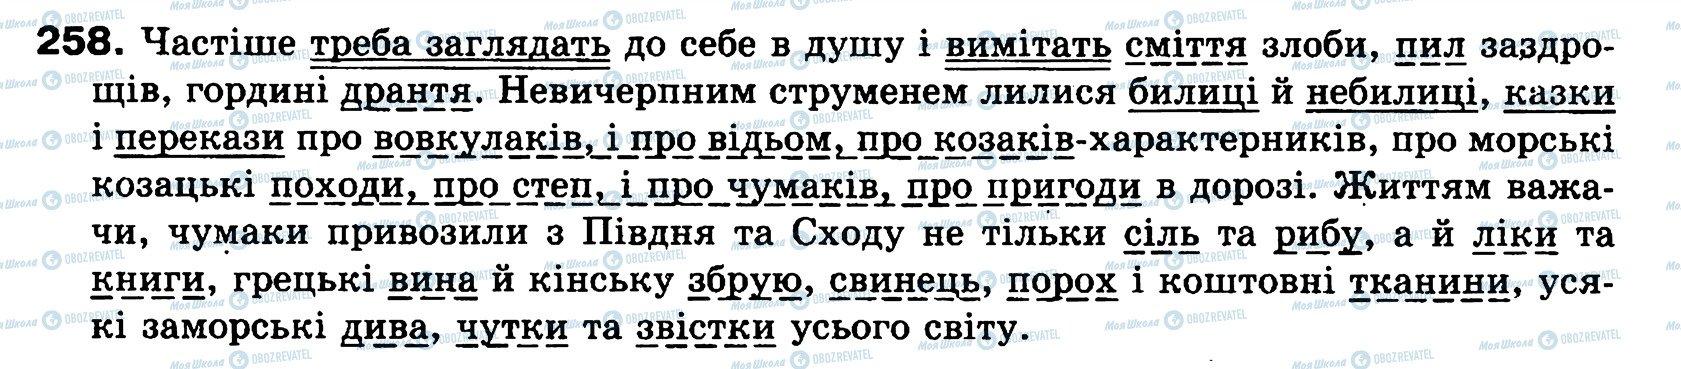 ГДЗ Українська мова 8 клас сторінка 258